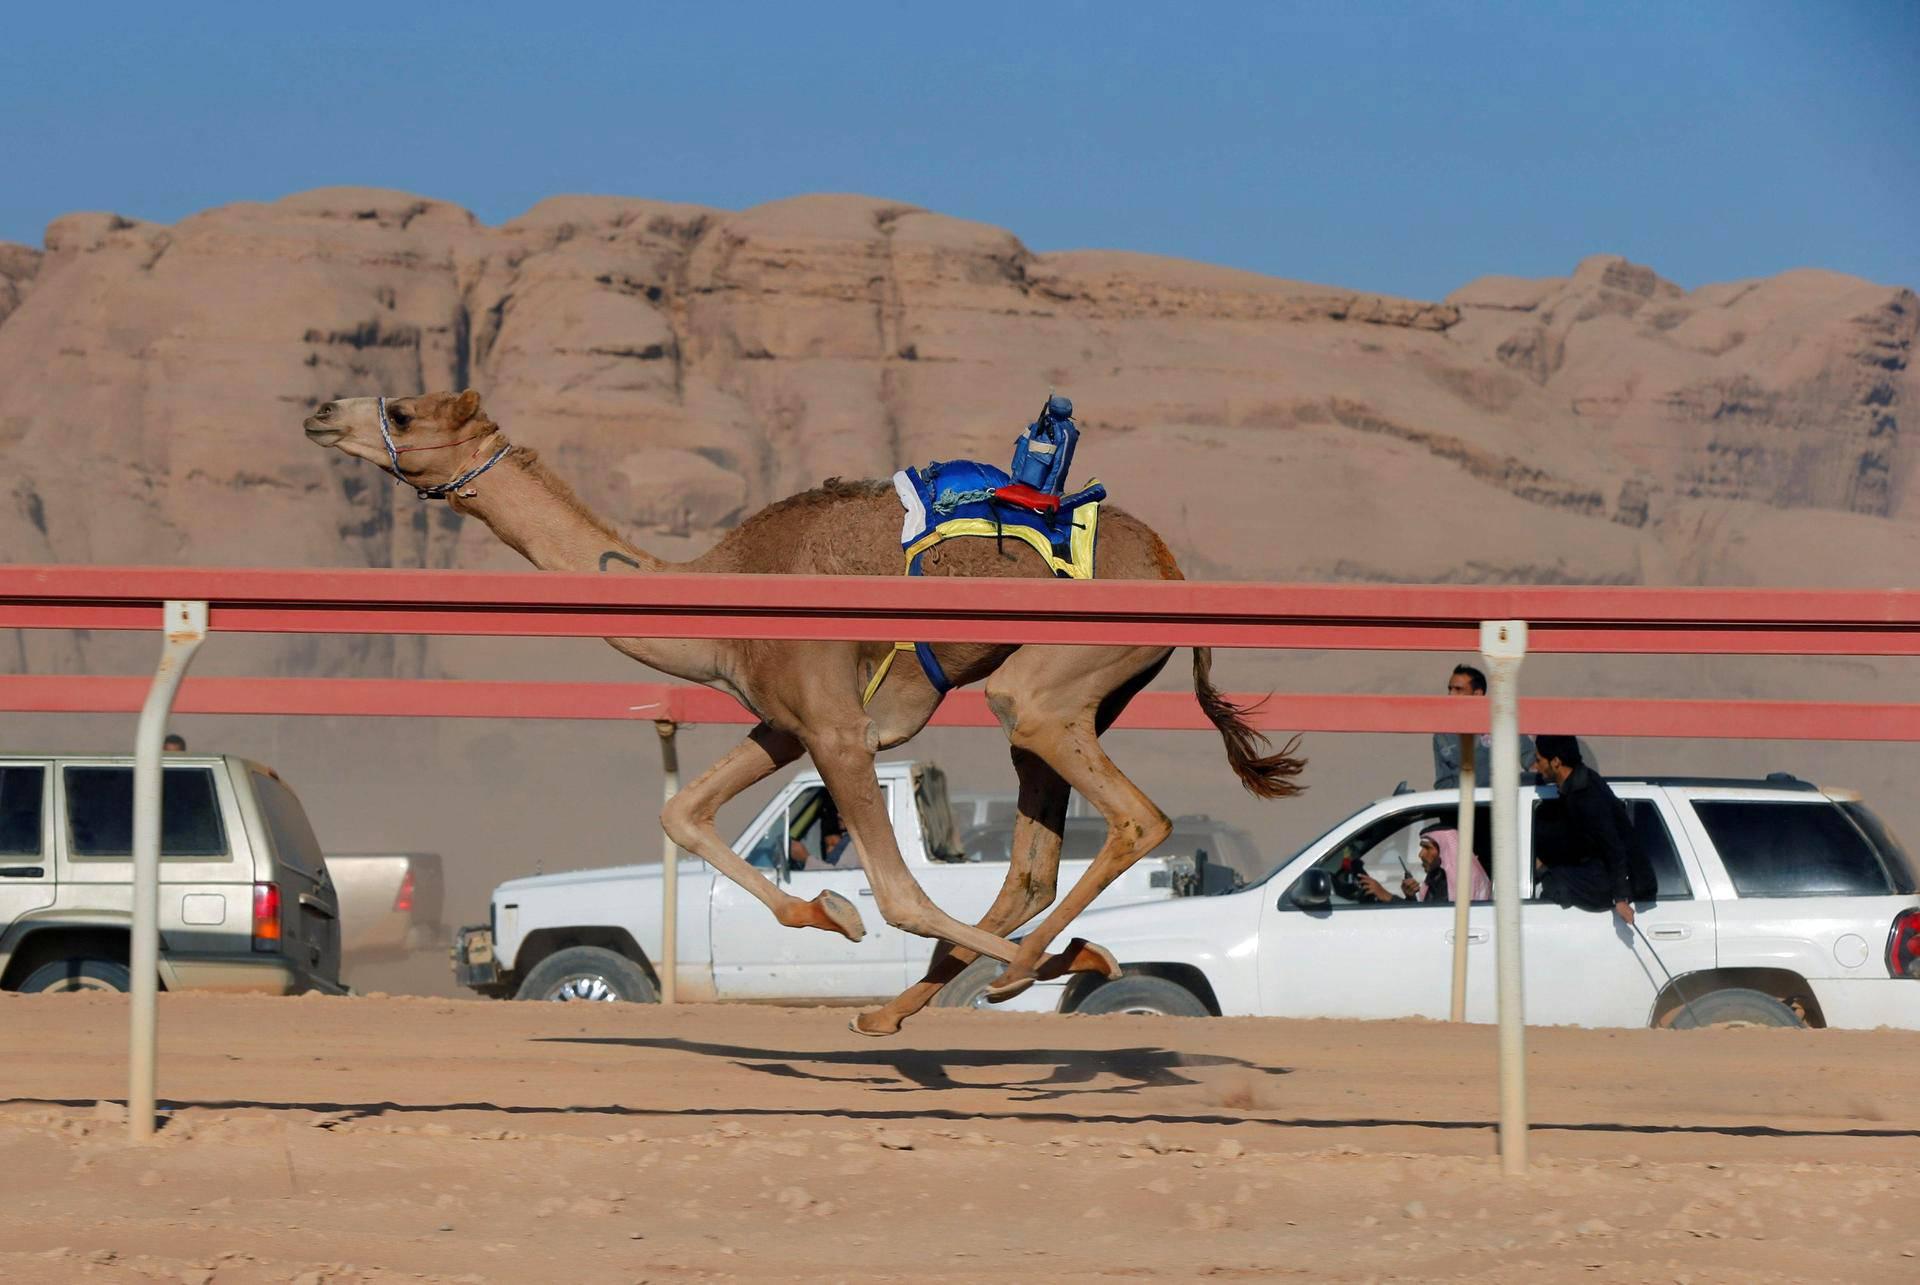 Kamelien omistajat ajoivat radan vierellä seuratessaan kameliraveja Wadi Rumissa Jordaniassa torstaina.